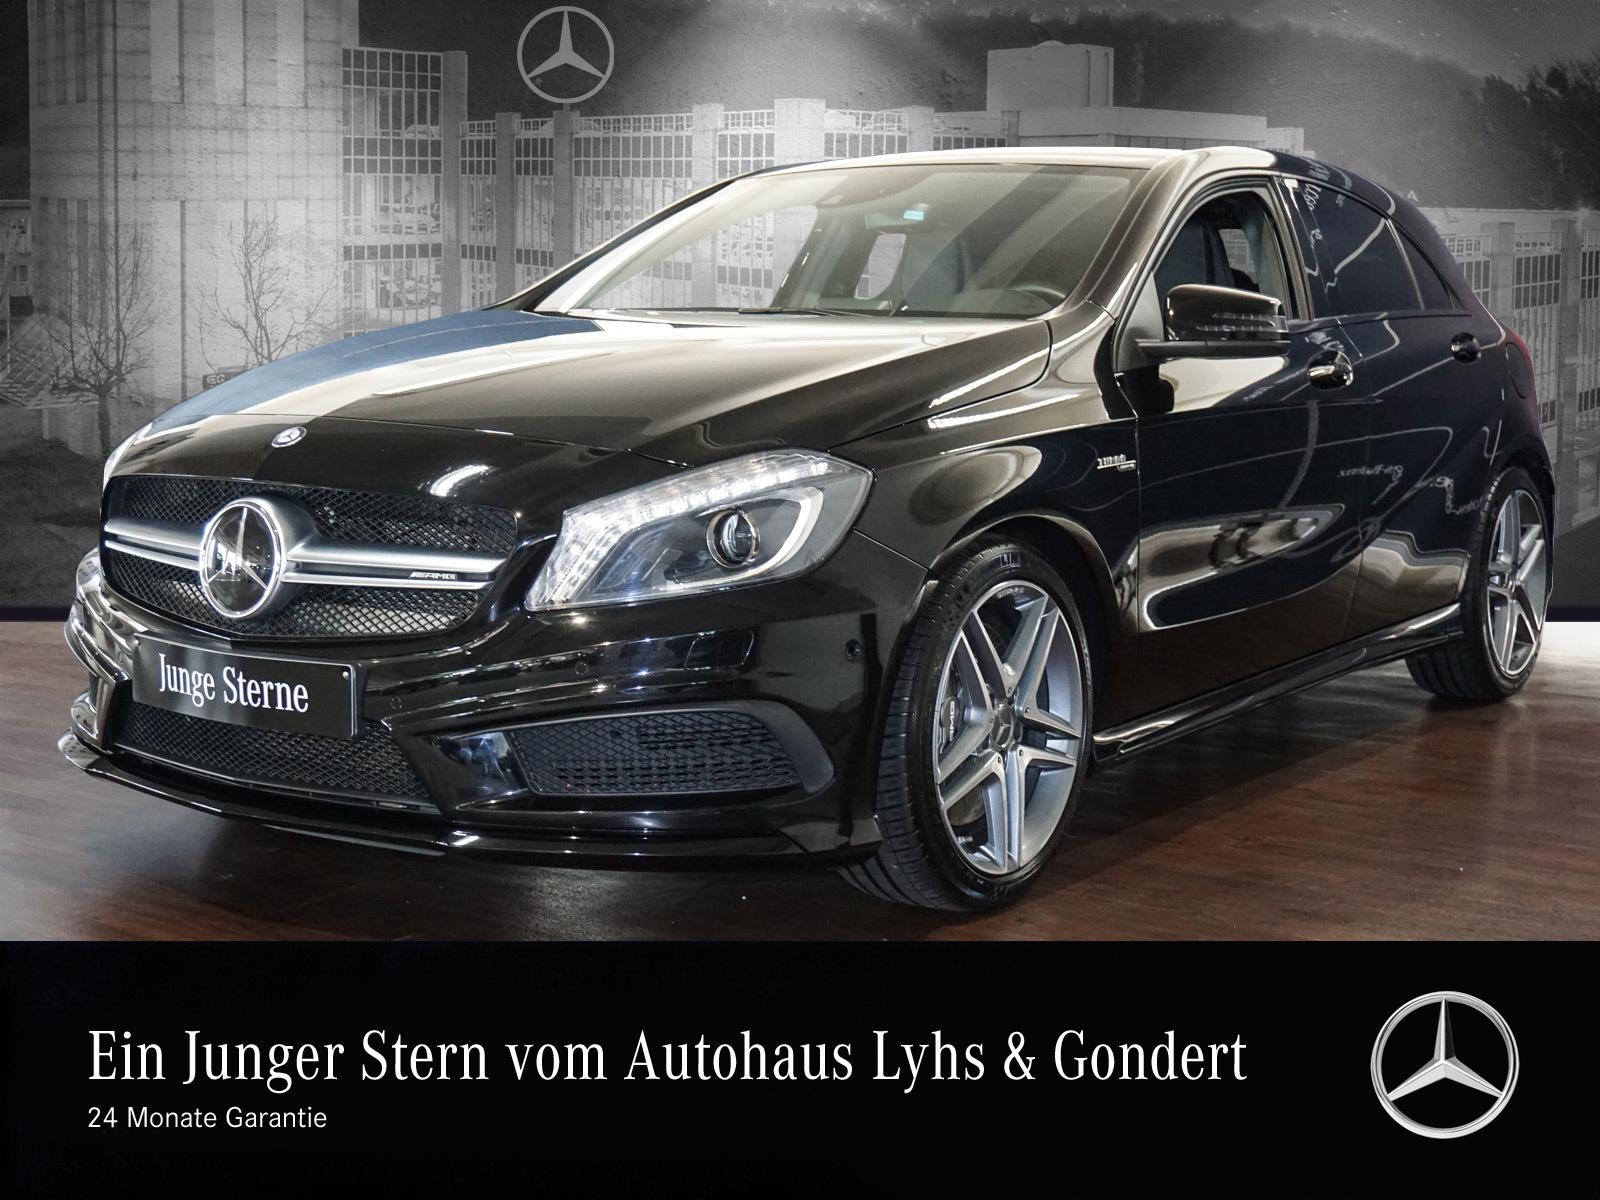 Mercedes-Benz A 45 AMG 4MATIC Perf. Sitze Comand Memory Kamera, Jahr 2015, petrol